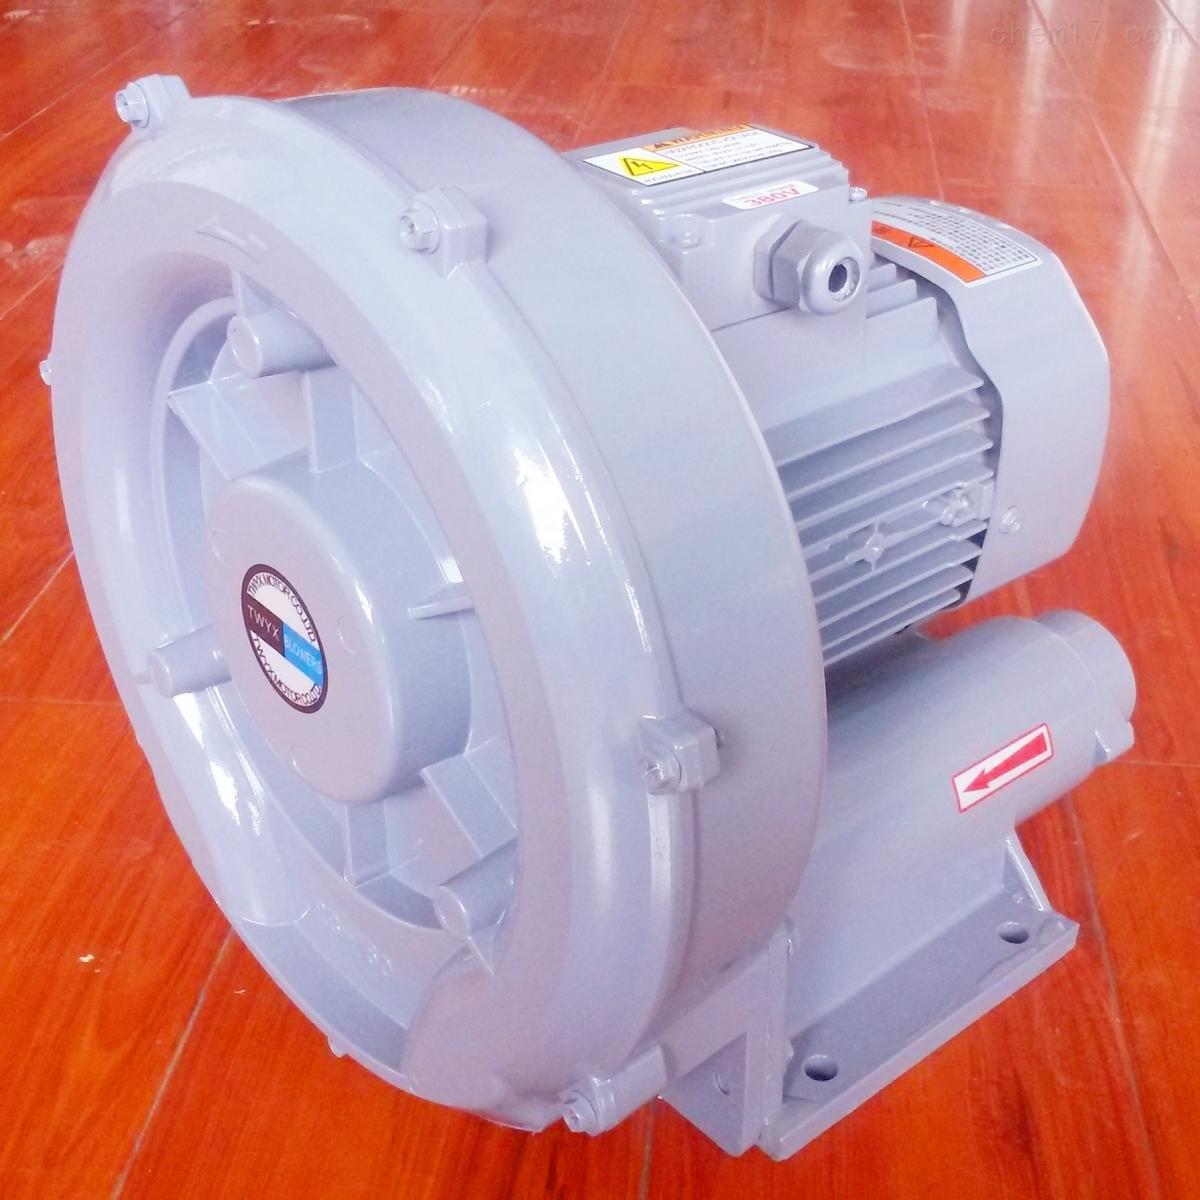 清洗设备漩涡高压风机